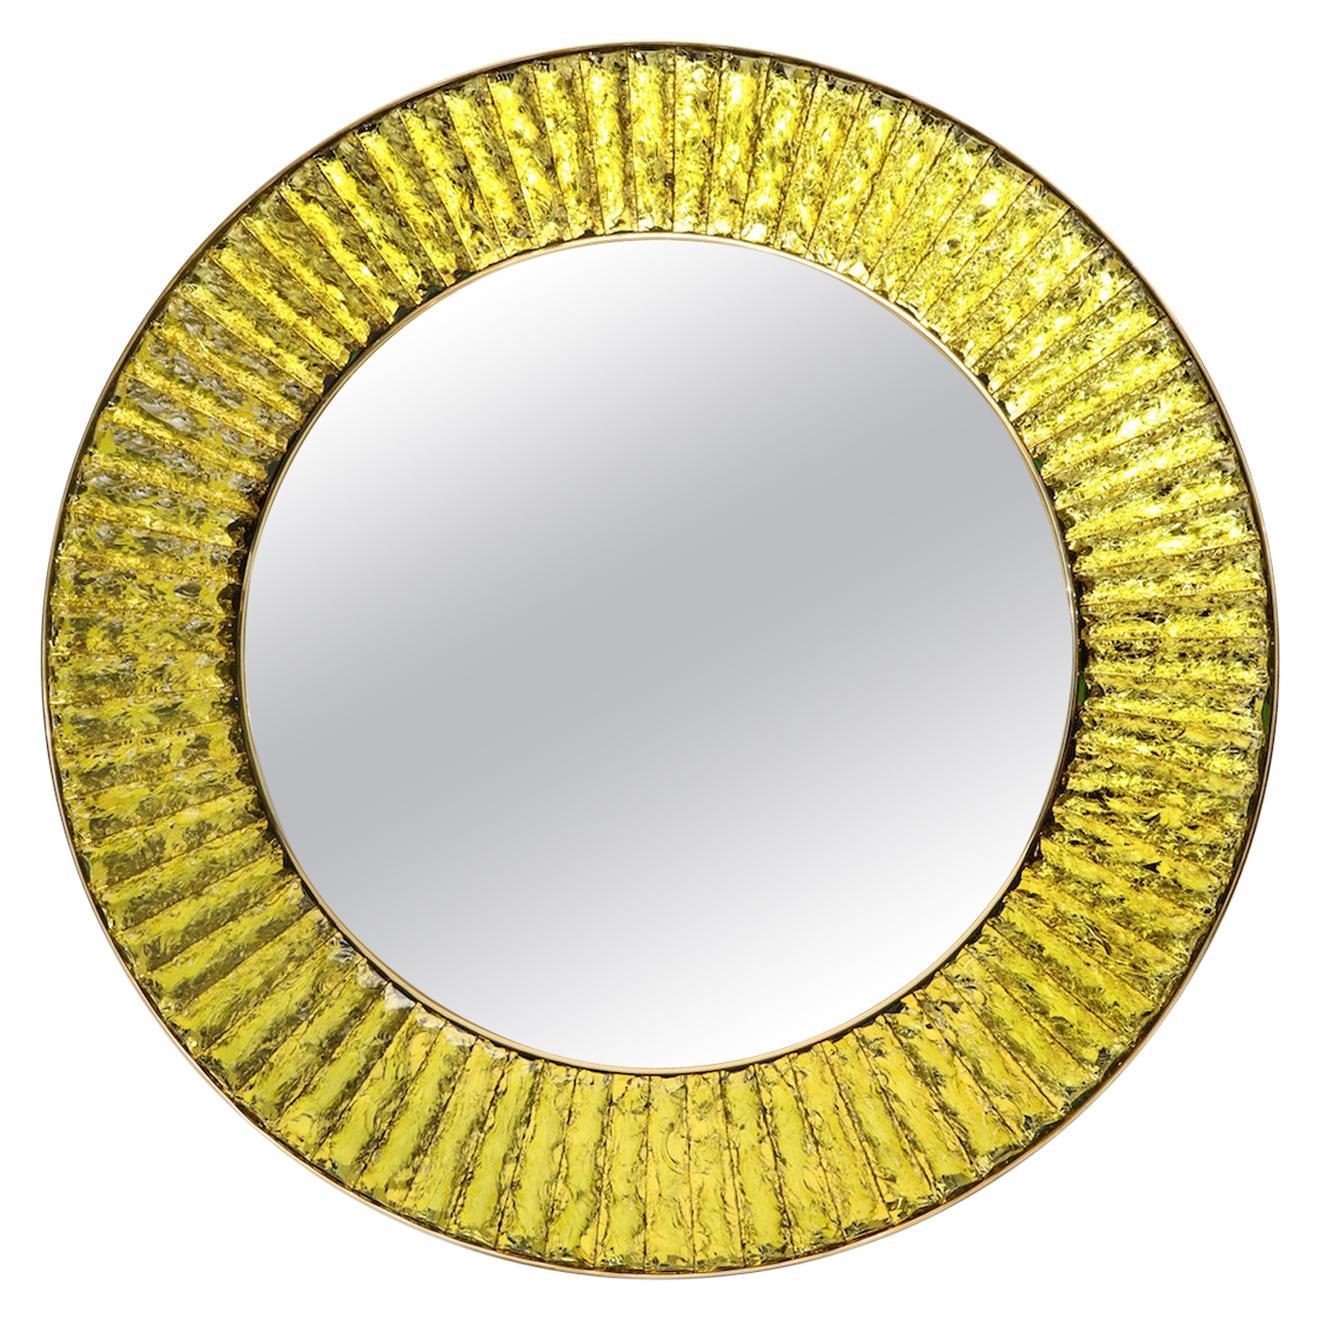 Studio-Built Circular Mirror by Ghiró Studio, Italy